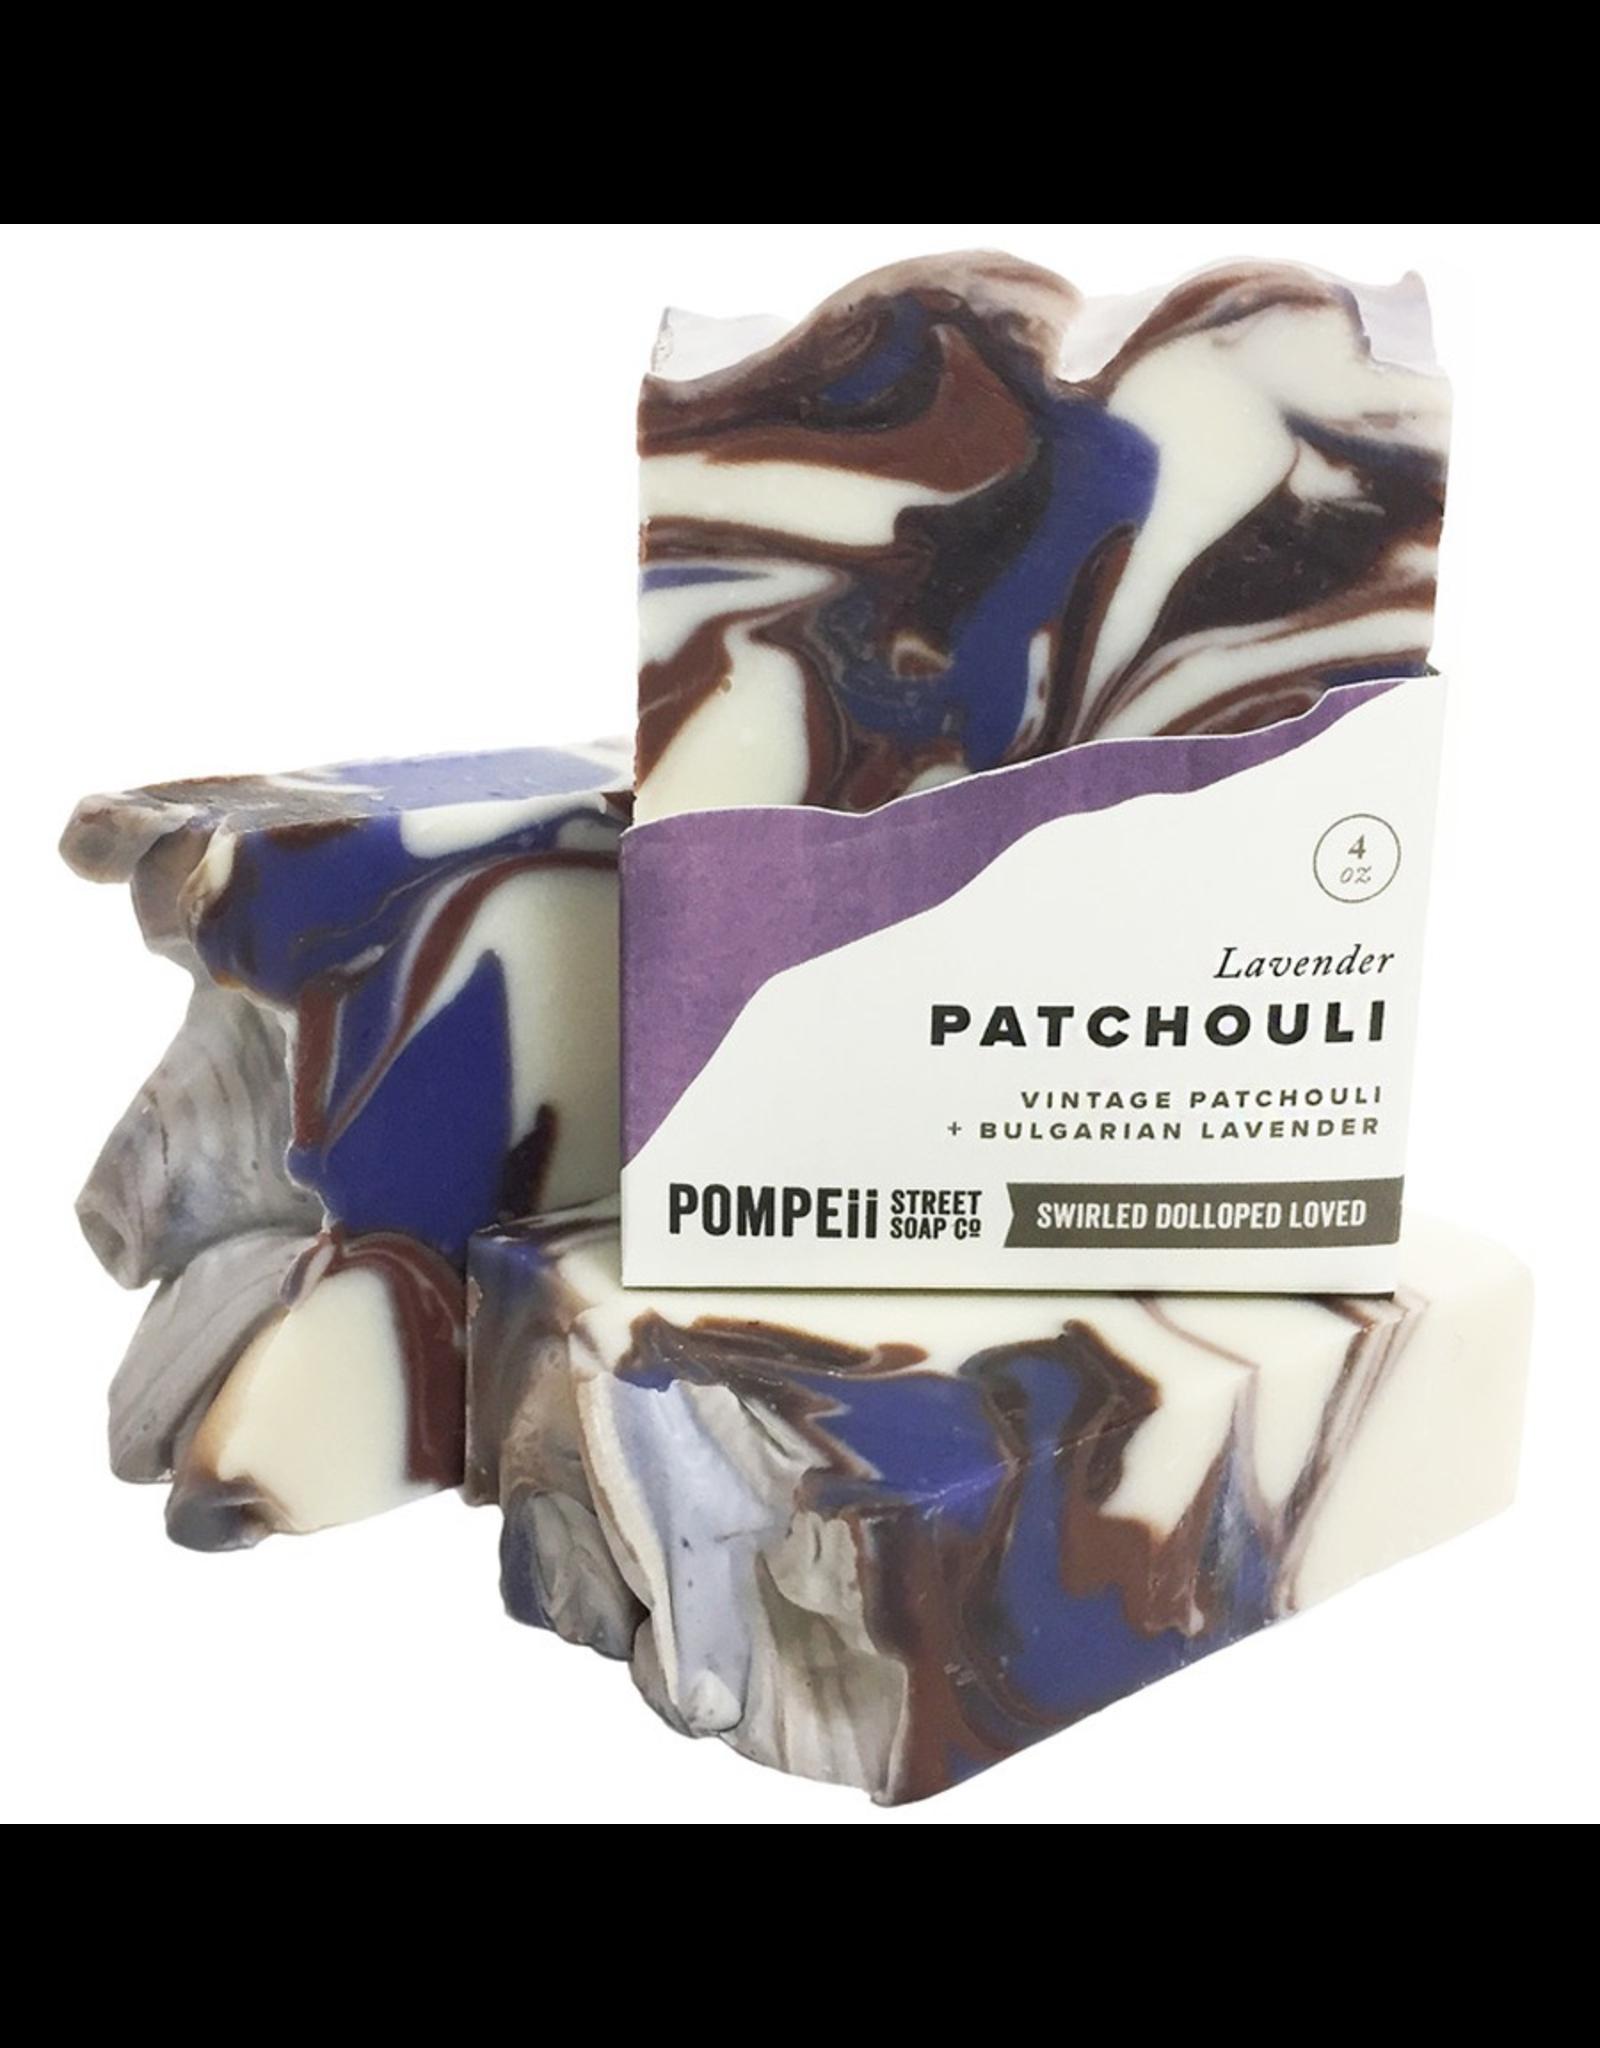 Pompeii Lavender Patchouli Soap 4 oz